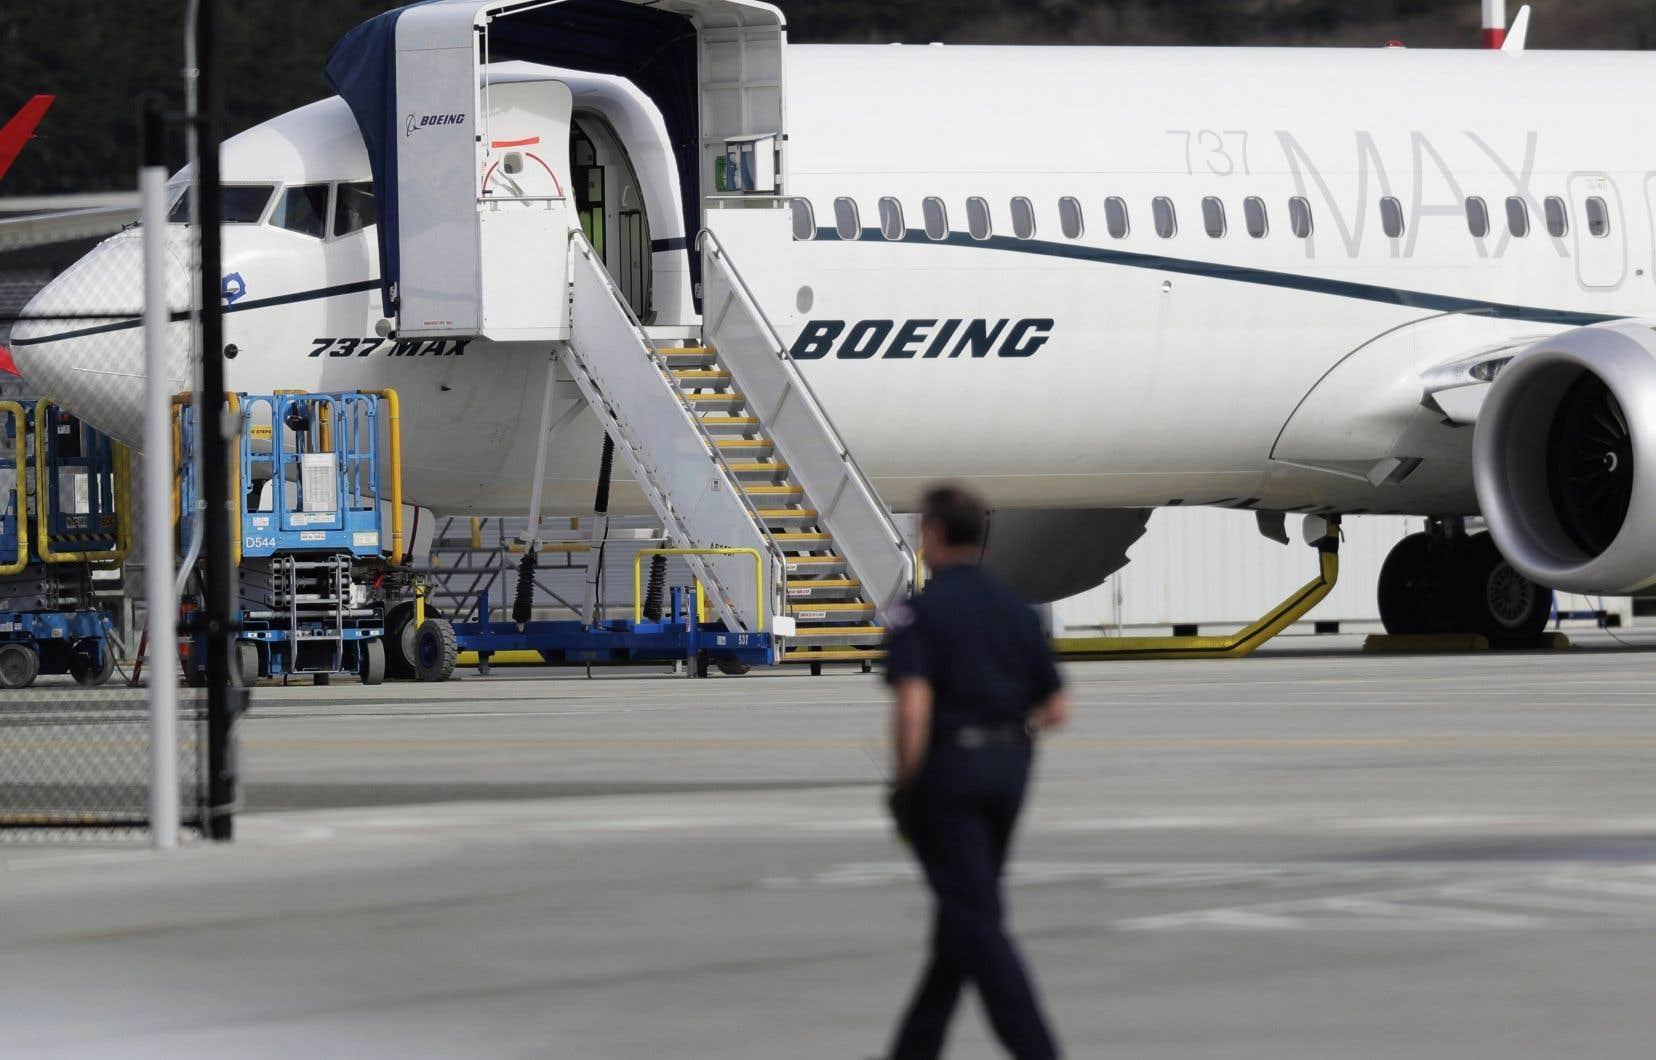 Dans les communications transmises en décembre au Congrès américain, des employés se vantaient de pouvoir faire certifier le 737 MAX 8 avec un minimum de formation pour les pilotes, et faisaient état de problèmes rencontrés avec les simulateurs.